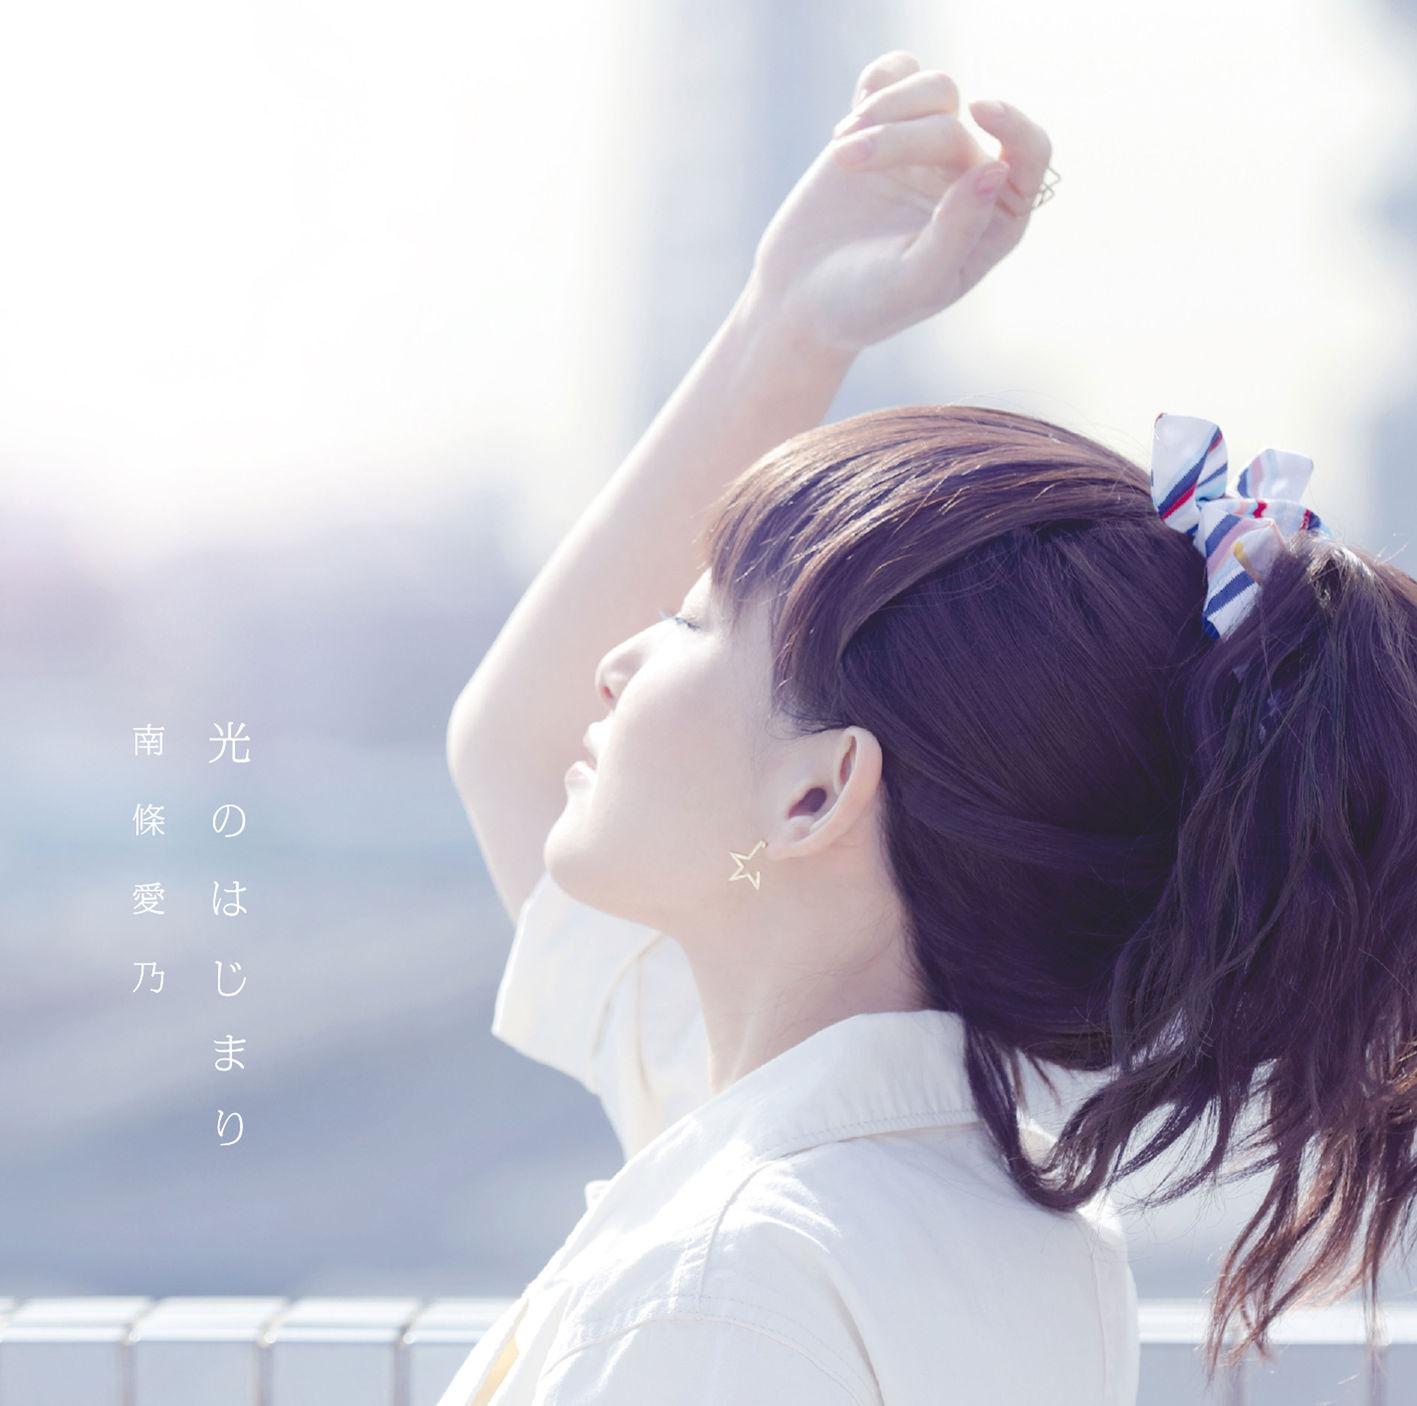 20180204.0009.13 Yoshino Nanjo - Hikari no Hajimari cover 2.jpg